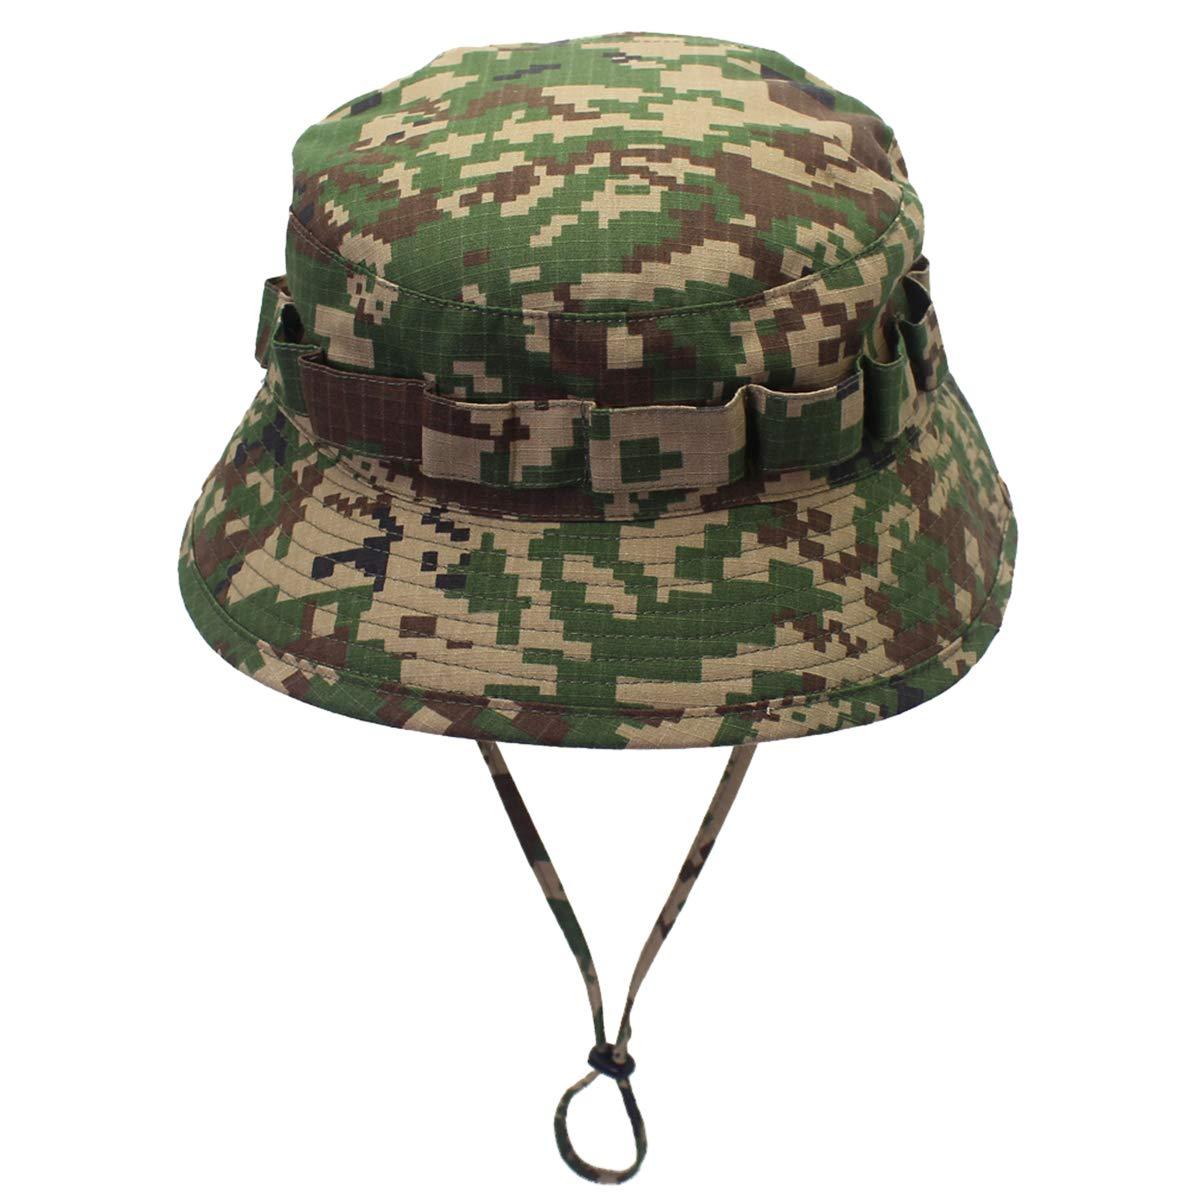 DORRISO Cappello da Pesca Antivento UPF 50+ Protezione UV Attività  Escursionismo Vacanza Arrampicata Campeggio All aperto Safari Hat ed03fa7ac604